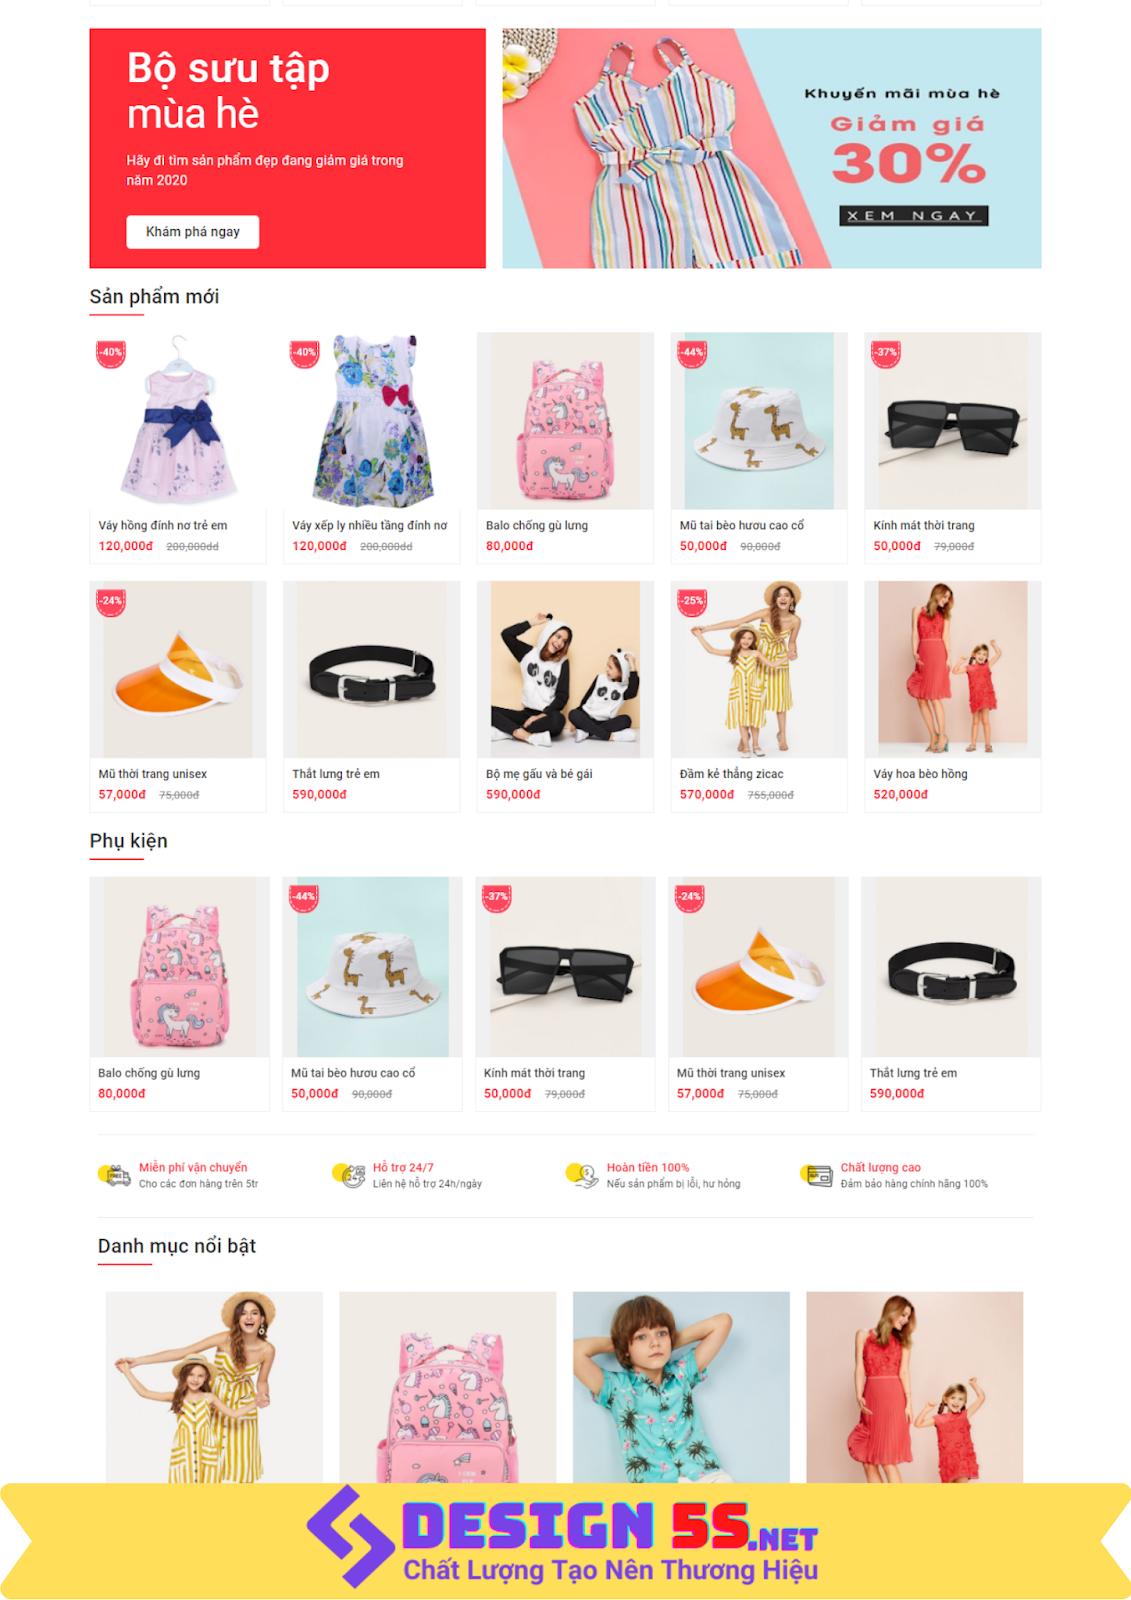 Template blogspot bán quần áo, giày dép tuyệt đẹp VSM07 - Ảnh 2